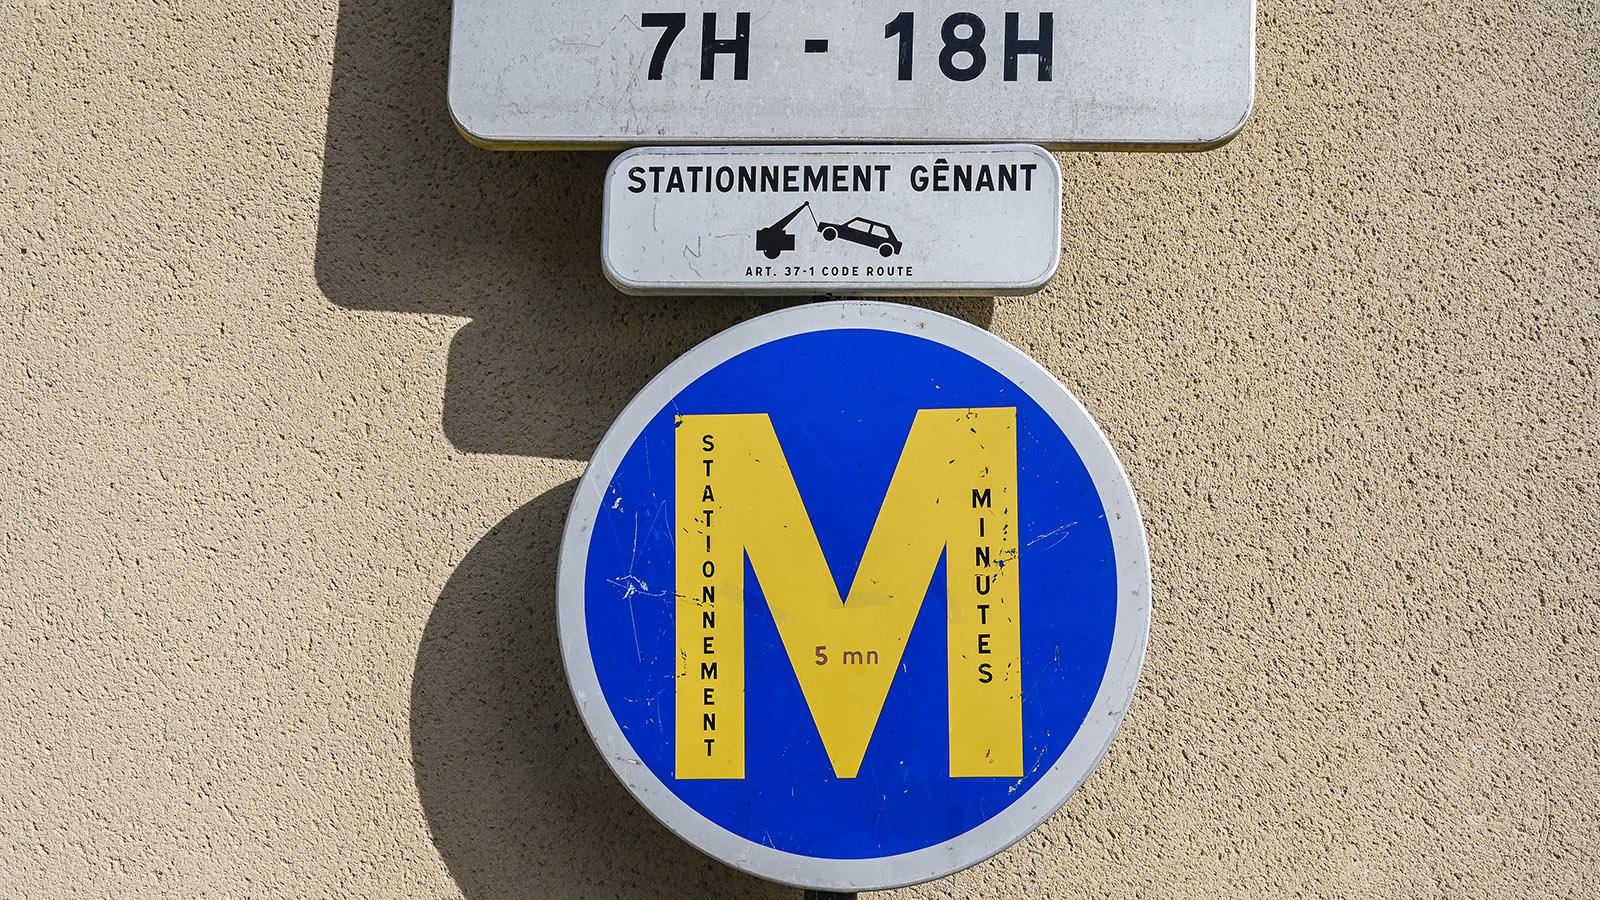 Wo solche Schilder stehen, dürft ihr nur für wenige Minuten parken – in Gaillac sind fünf Minuten dort gestattet. Foto: Hilke Maunder